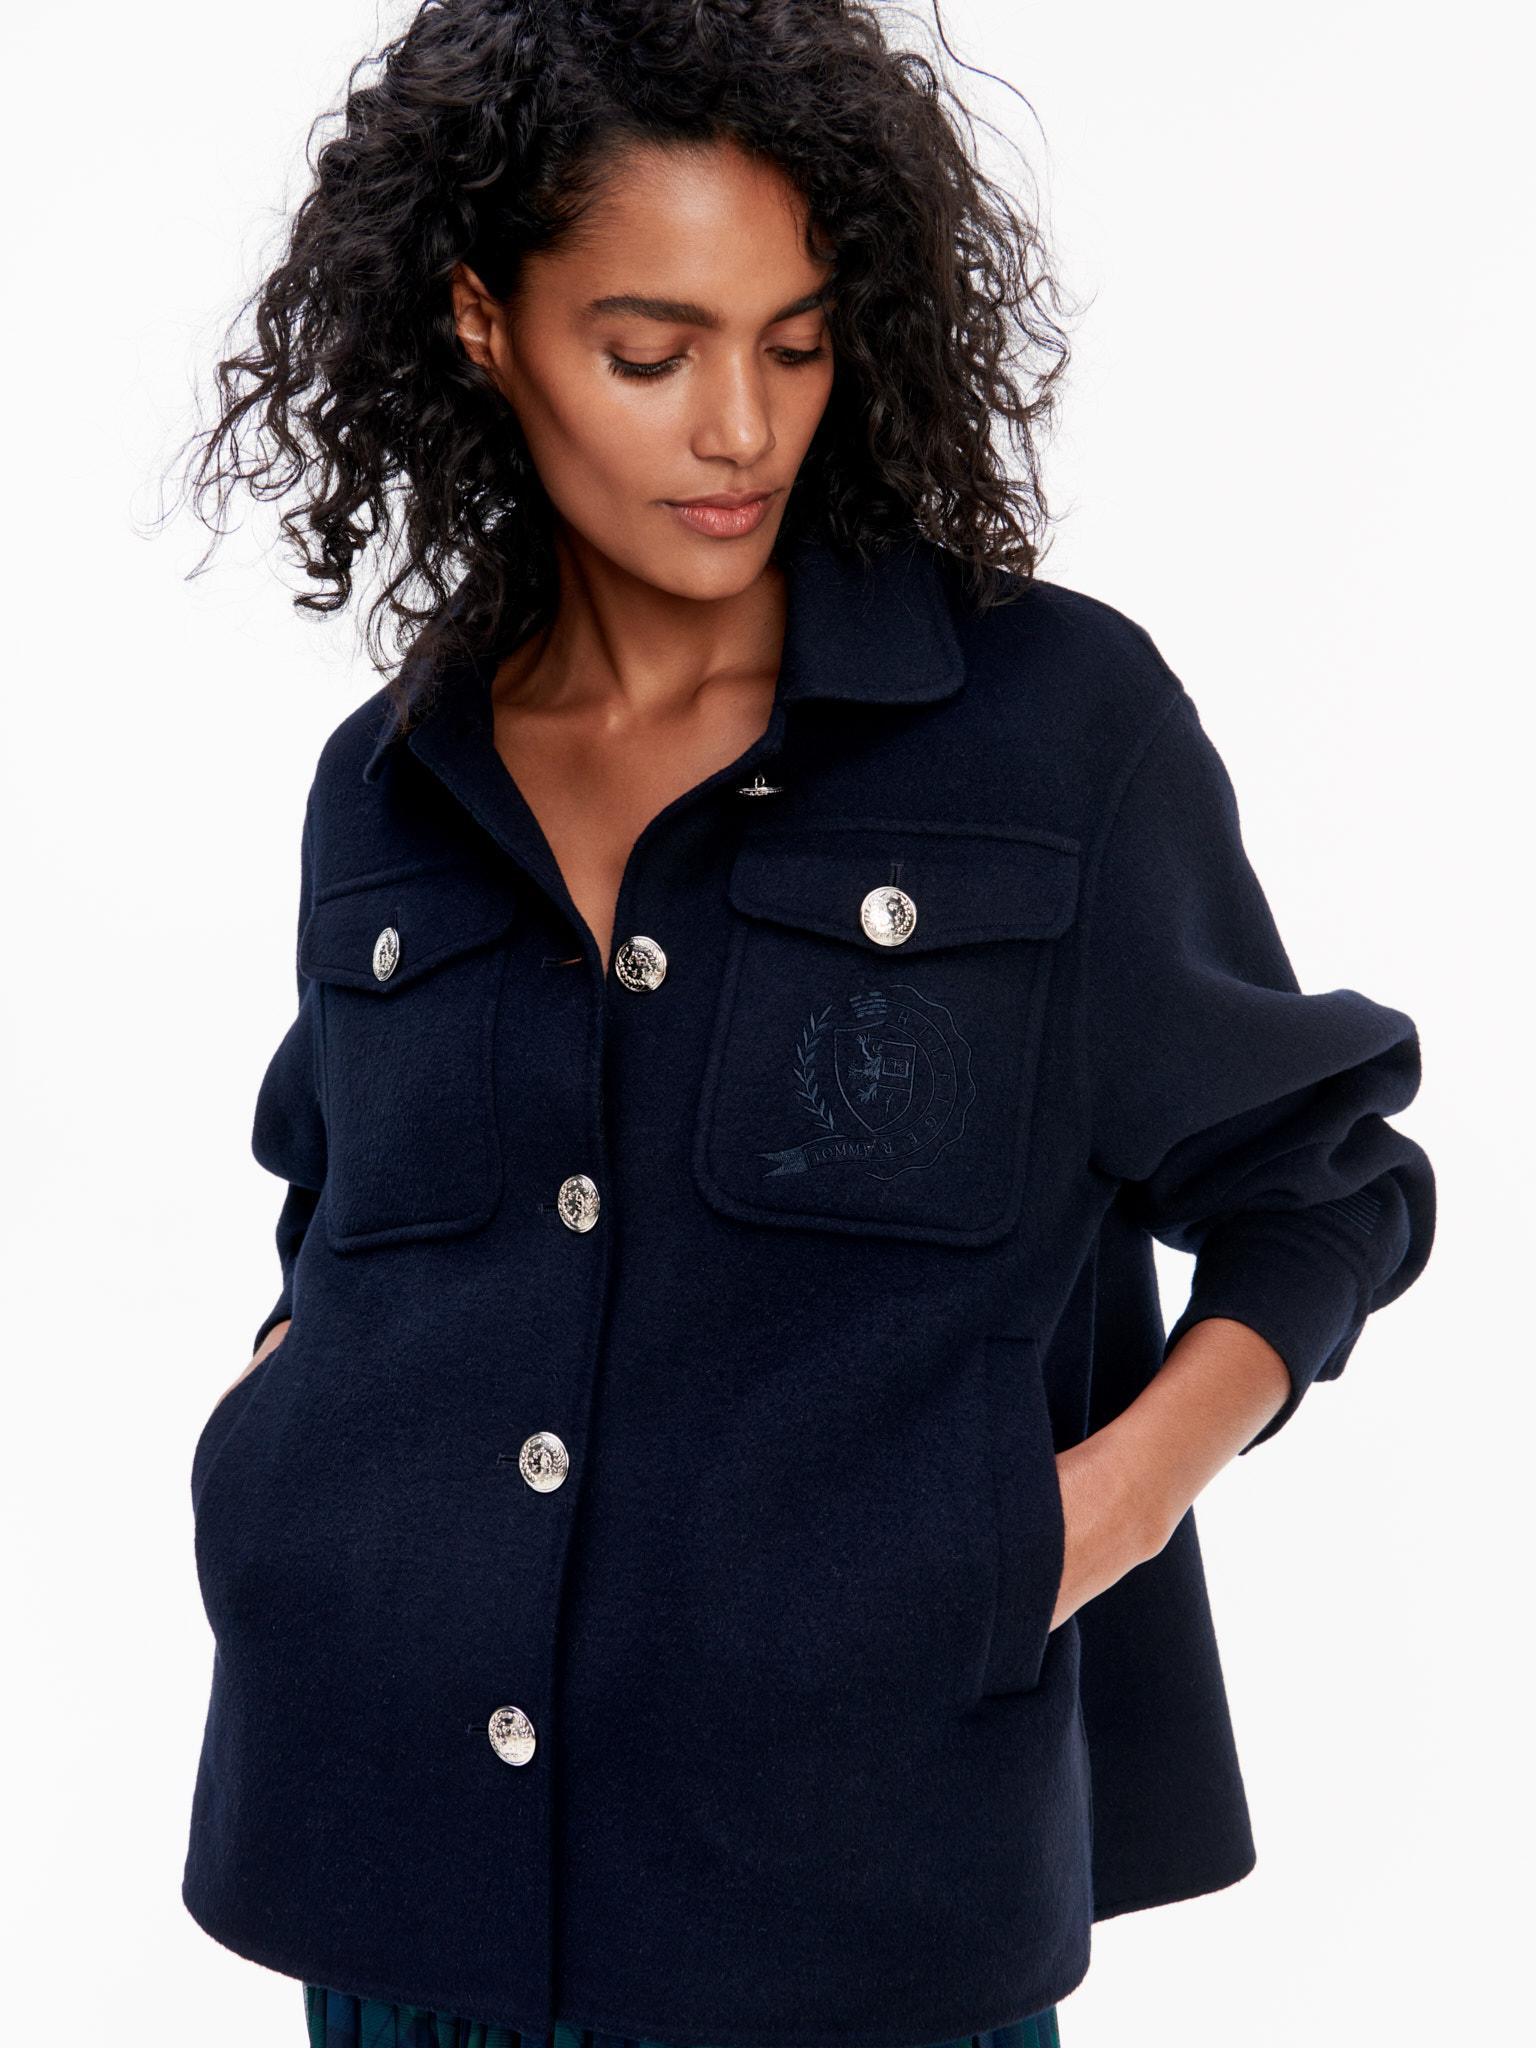 fa20_womenswear_look17_detail